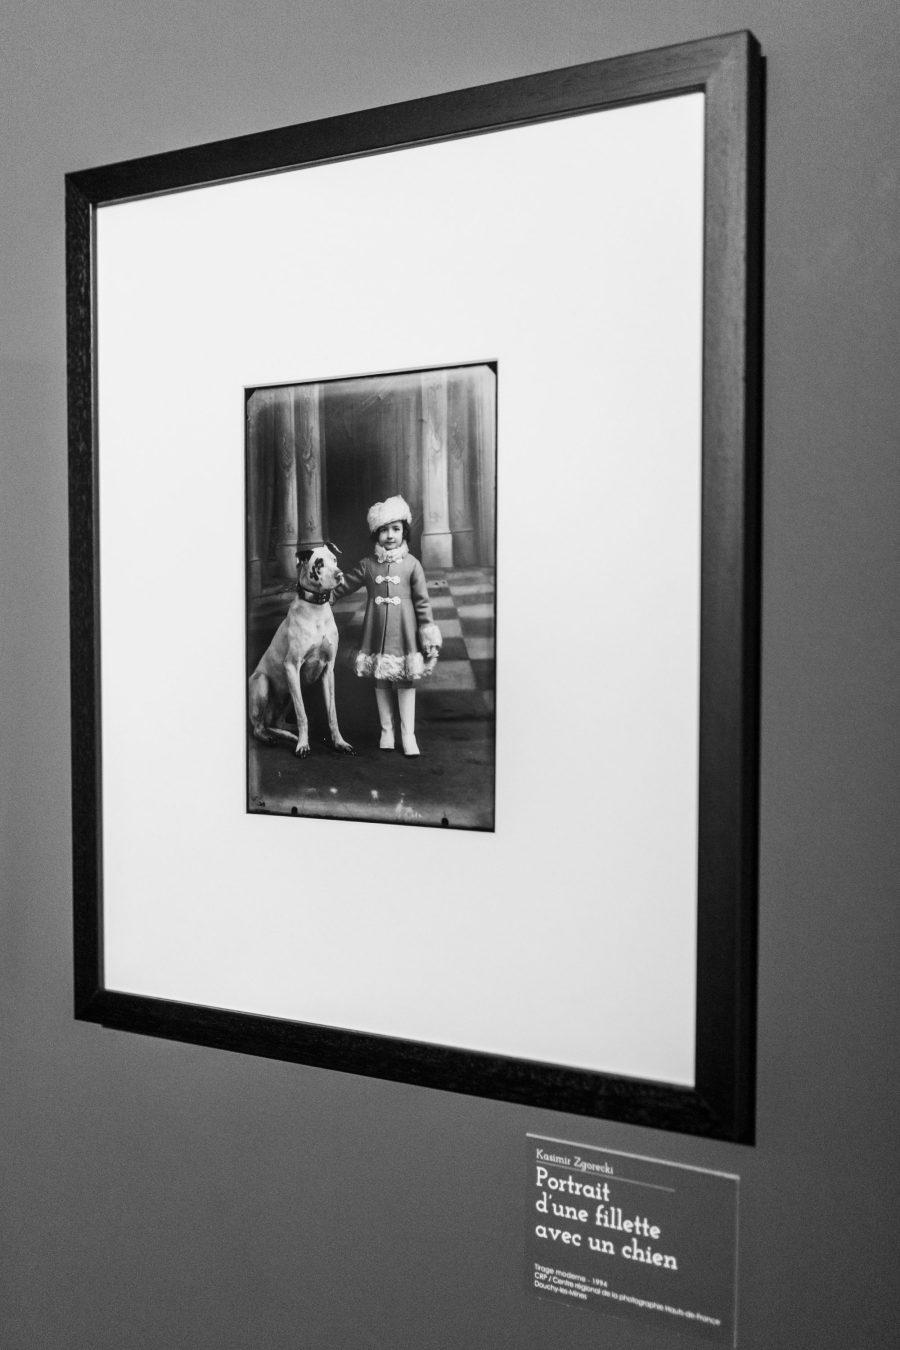 Photographie en noir et blanc d'une petite fille